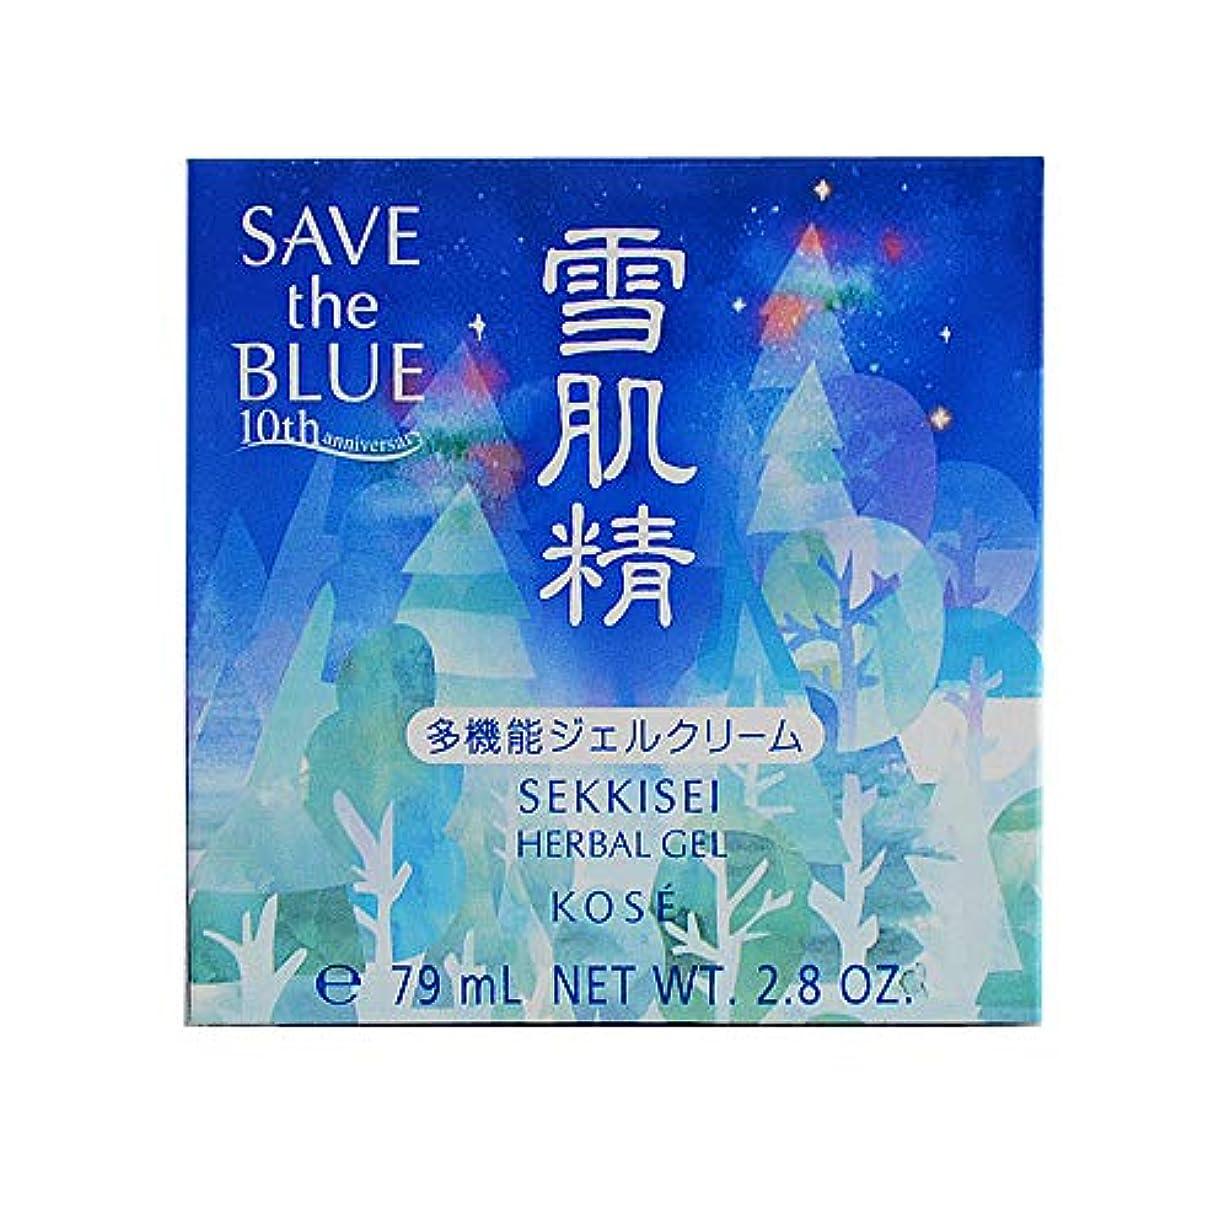 ドキドキ注文検査官コーセー 雪肌精 ハーバルジェル 80g (SAVE the BLUE) [ フェイスクリーム ] [並行輸入品]